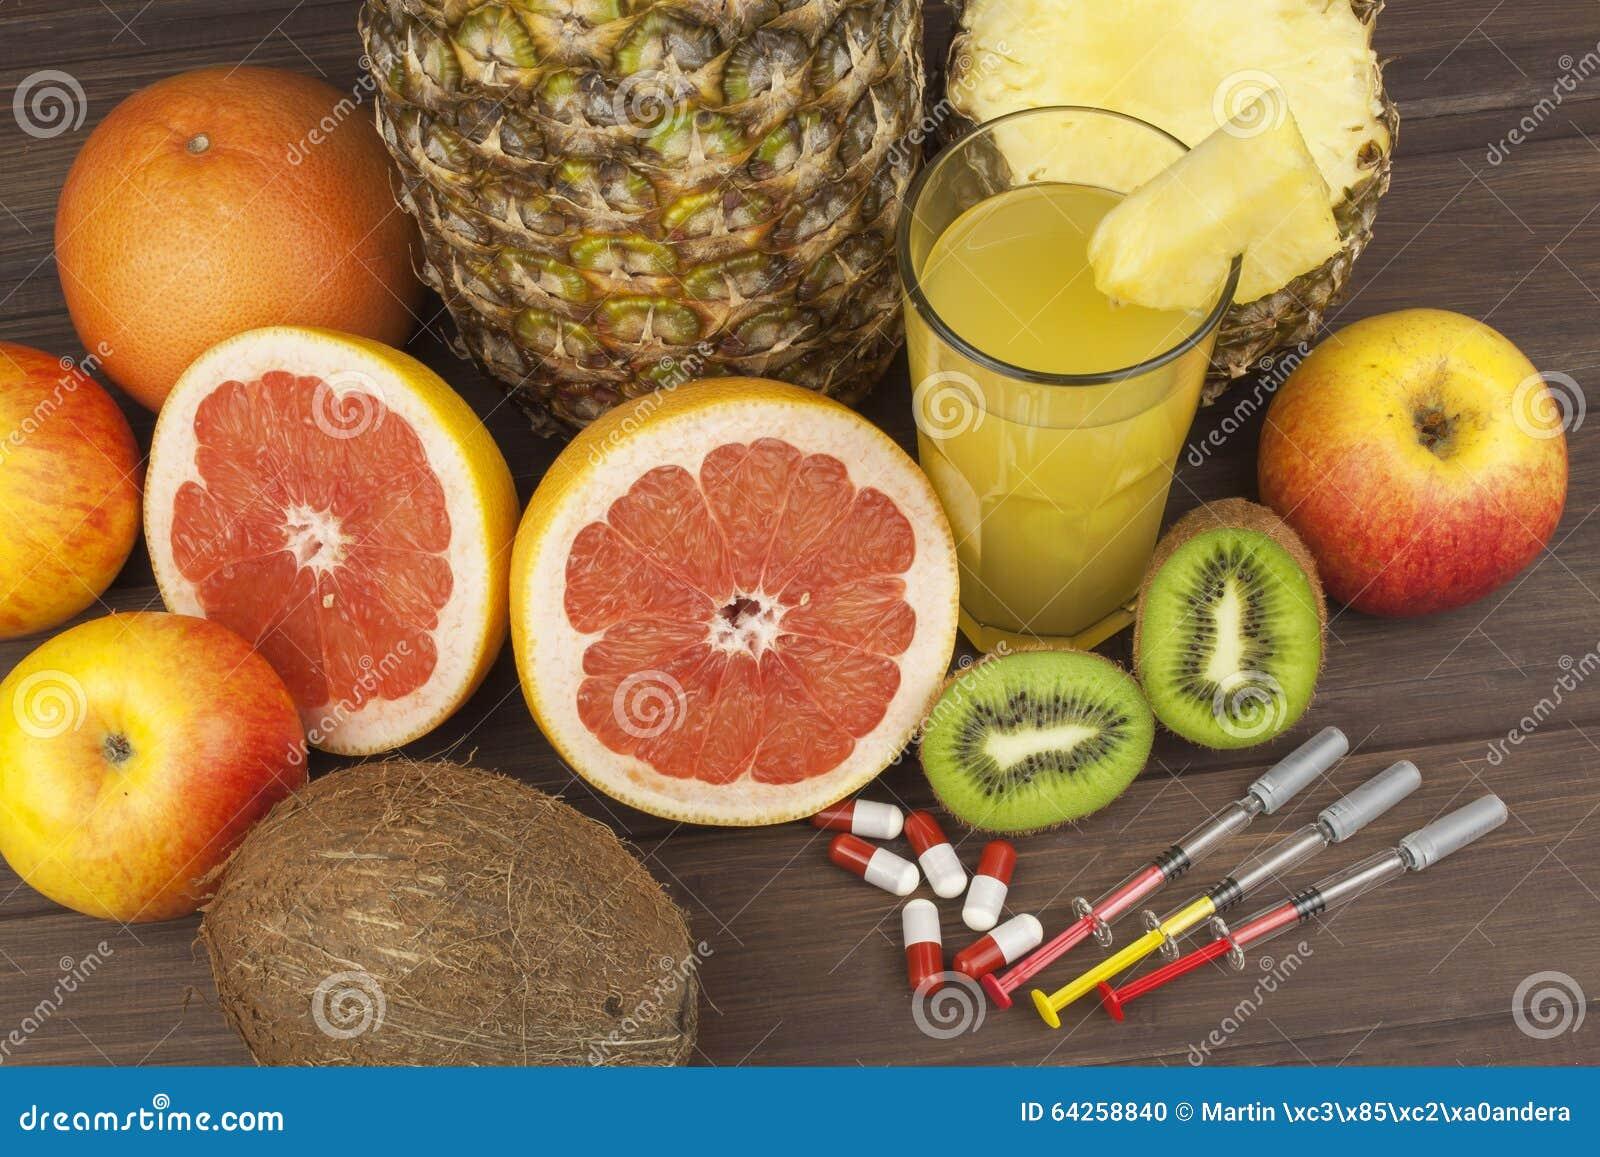 Substituts de repas ou produits hyperprotéinés, pour qui et comment ?